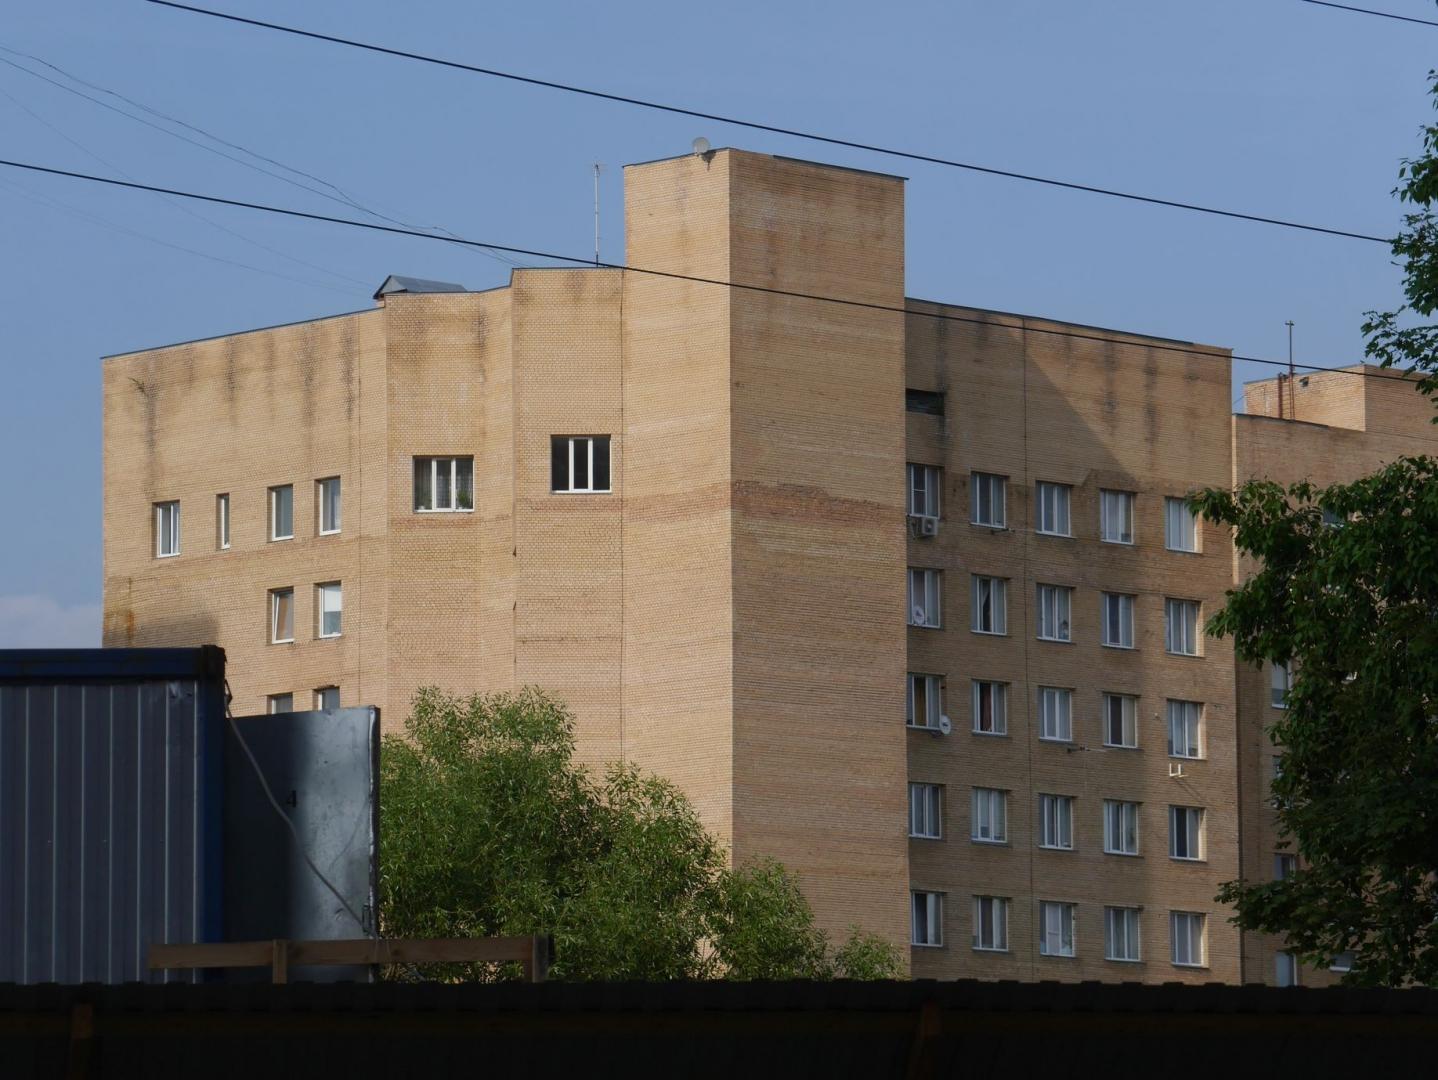 Индивидуальные проекты из керамокирпича встречаются не только в Москве. На фото — Одинцово